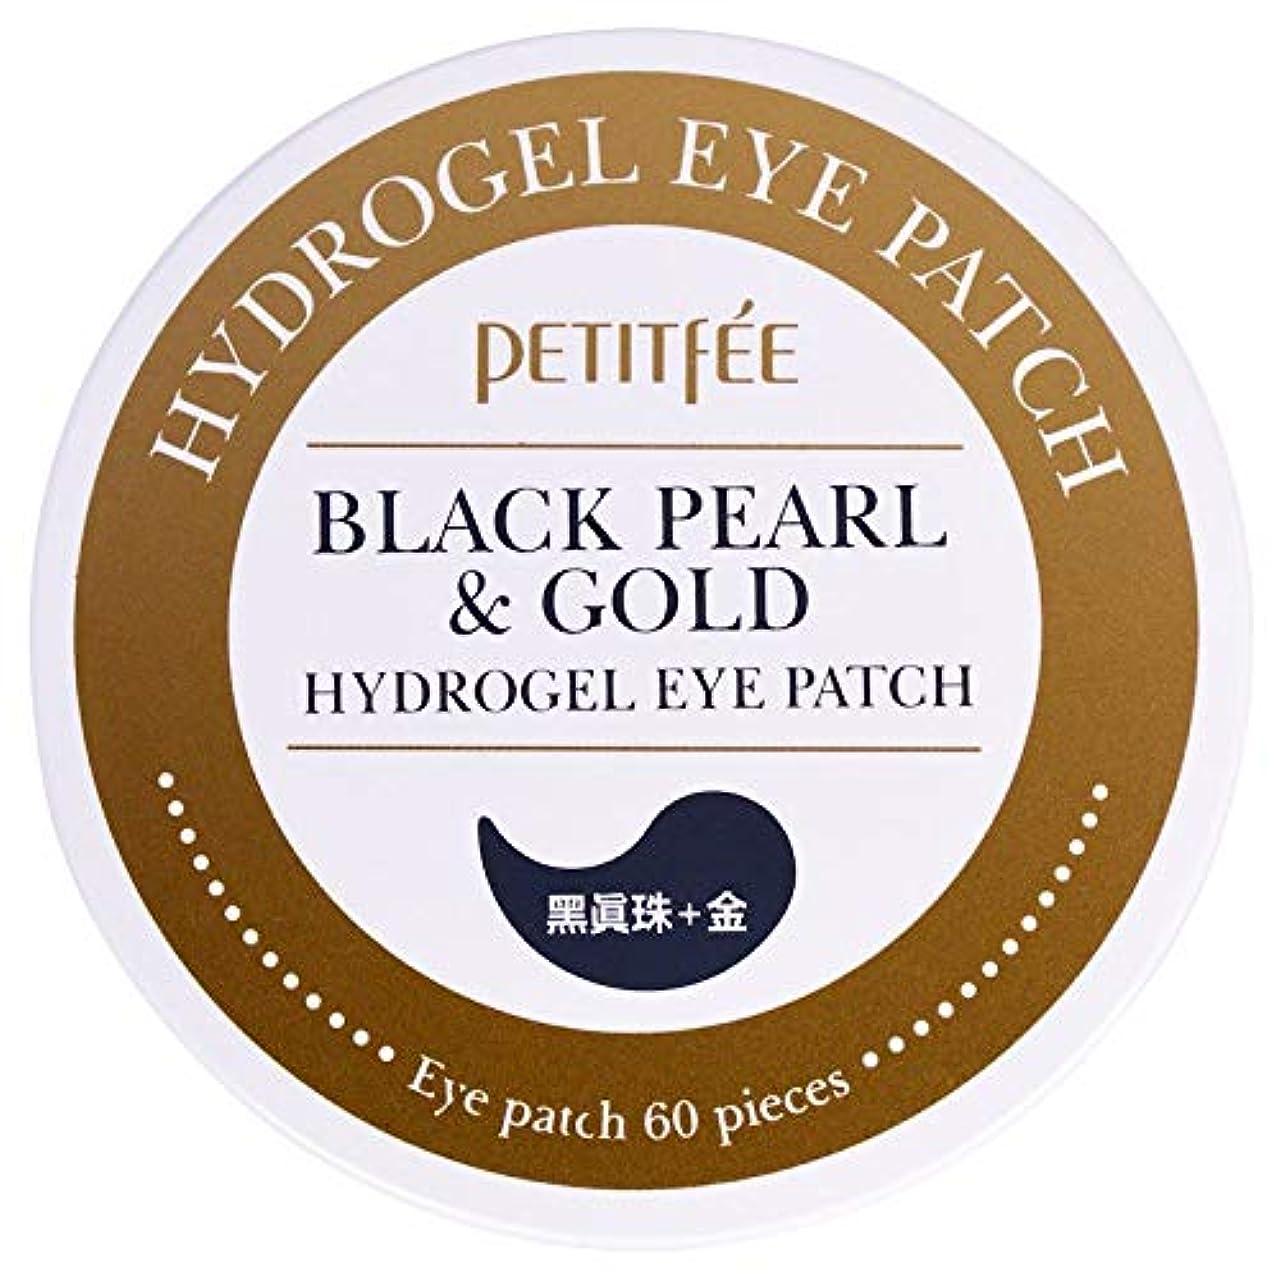 システムエクステントアウター*Petitfee* Blackpearl&gold Hydrogel Eyepatch. Eye Patch60ea -2 Packs